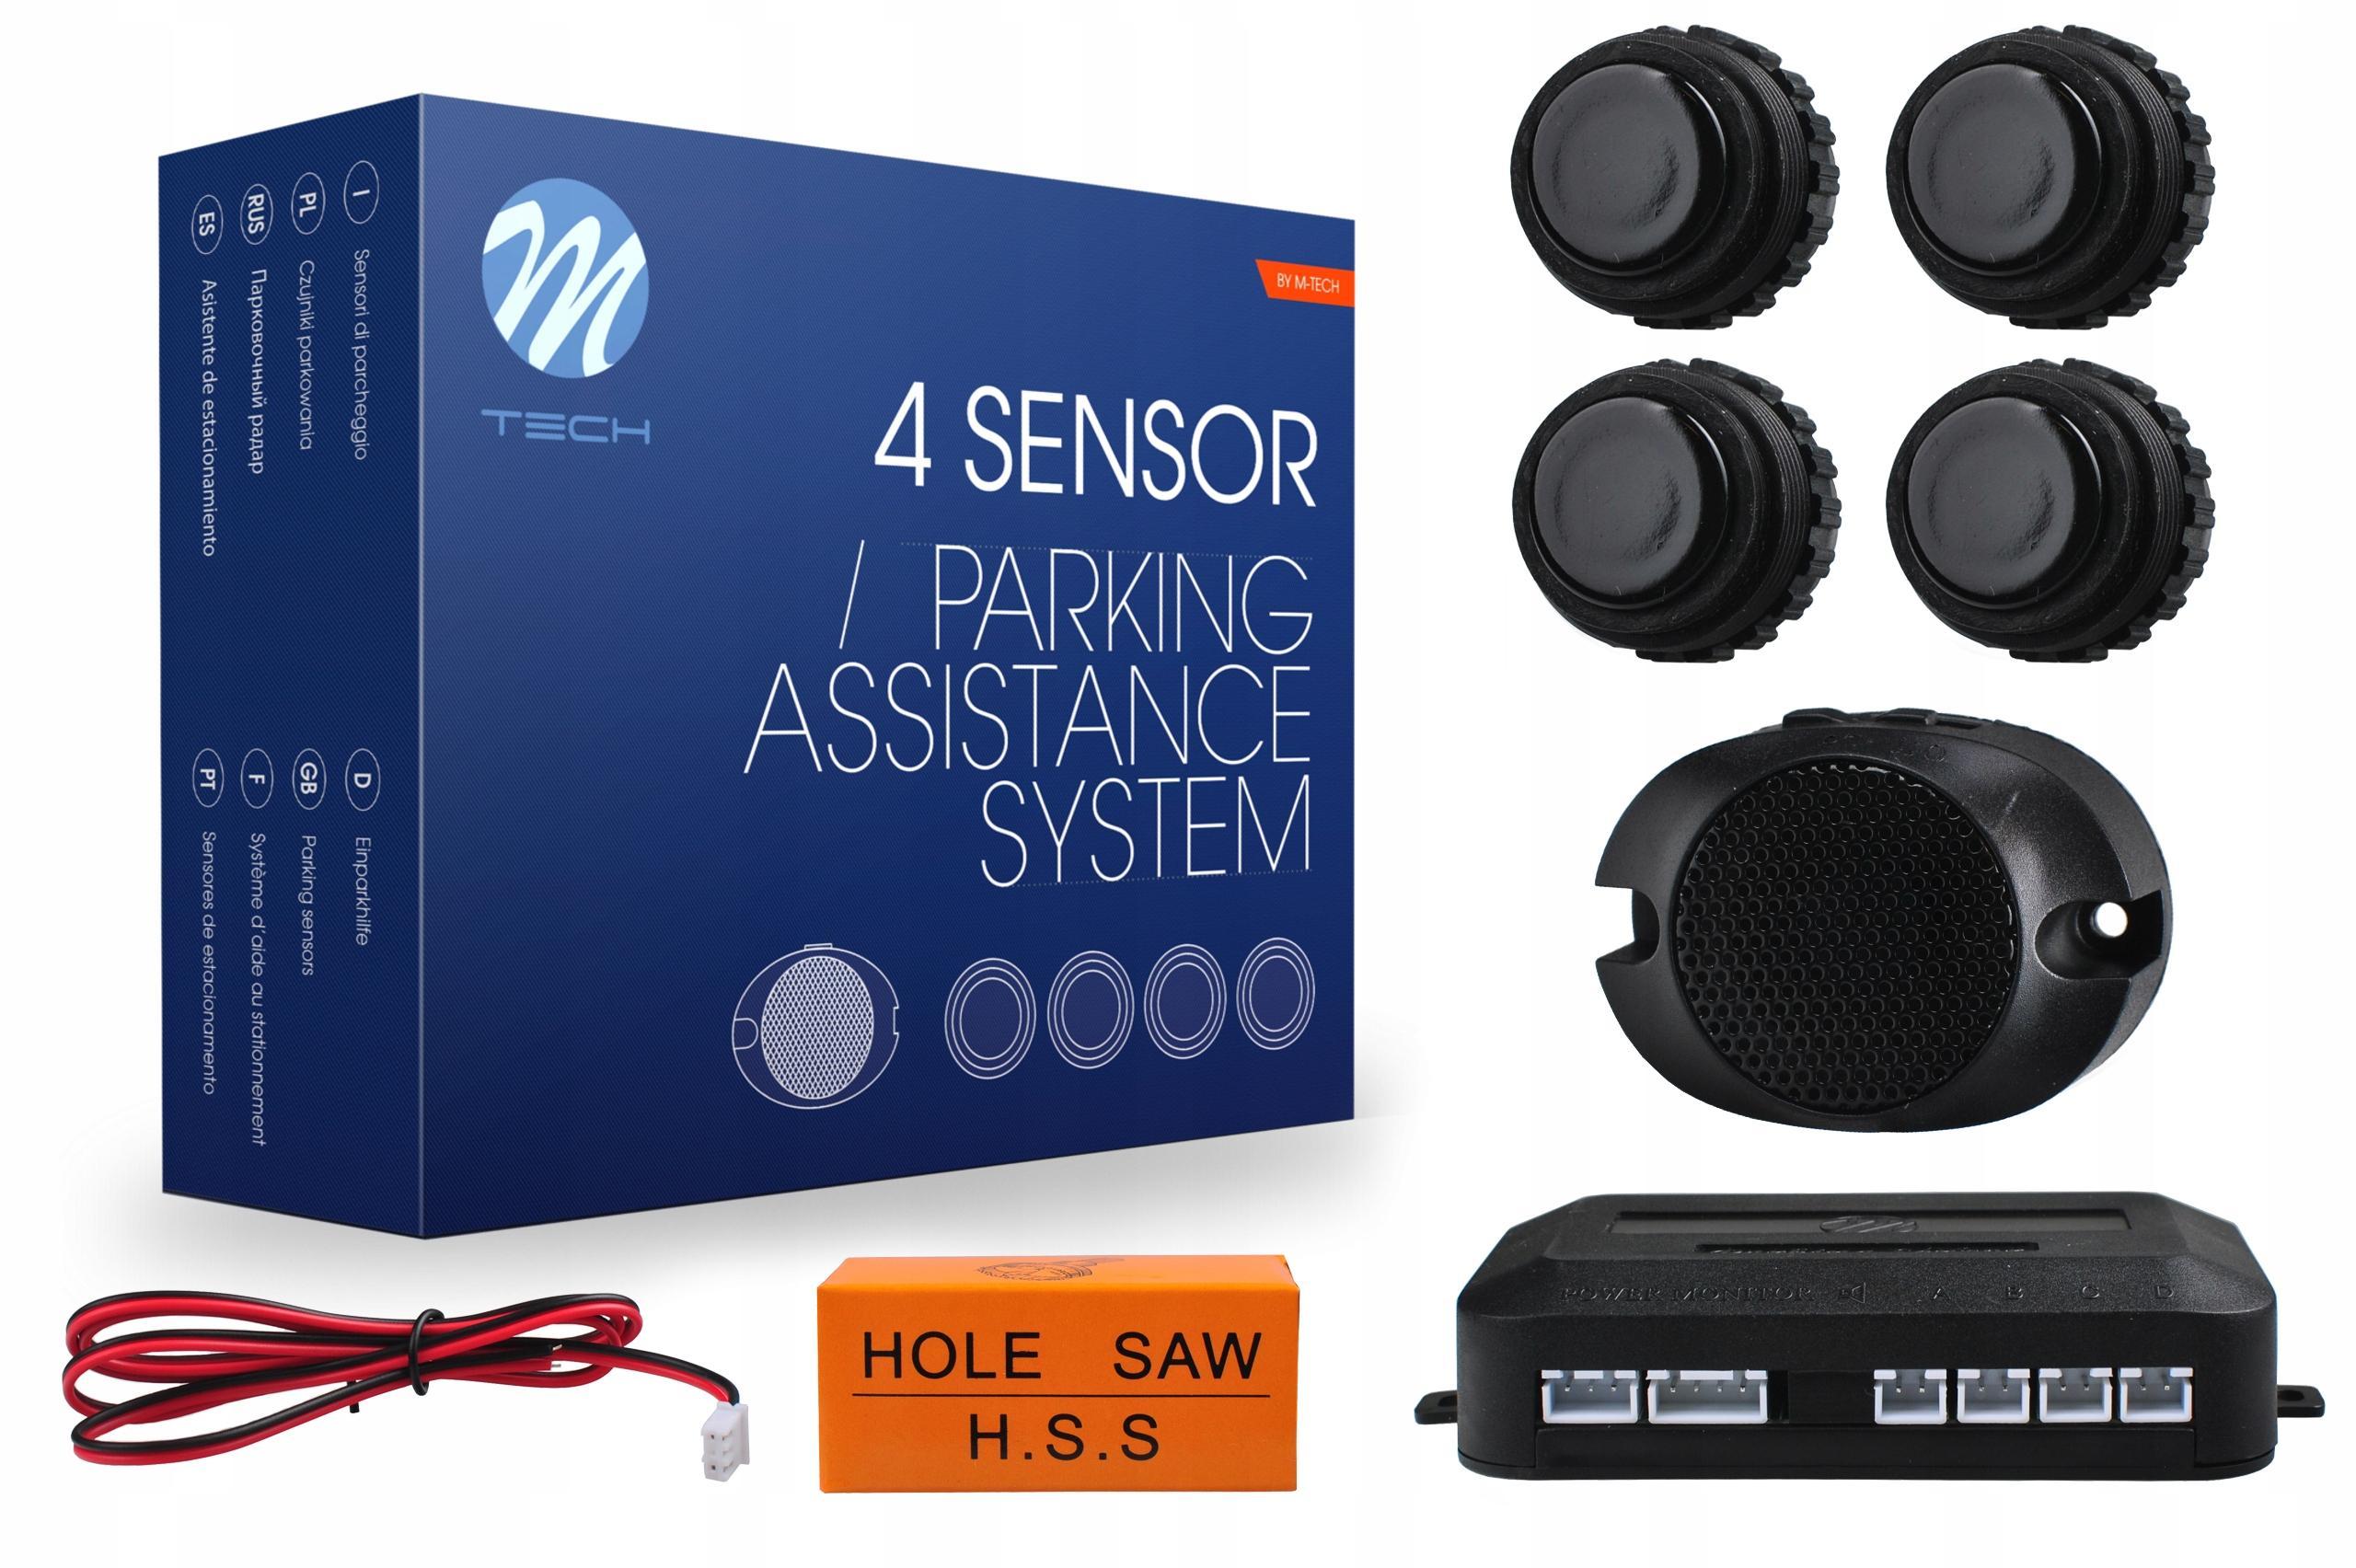 CP27B M-TECH hinten, mit Montageanleitung, mit Sensor, Anzahl der Sensoren: 4 Einparkhilfe CP27B günstig kaufen